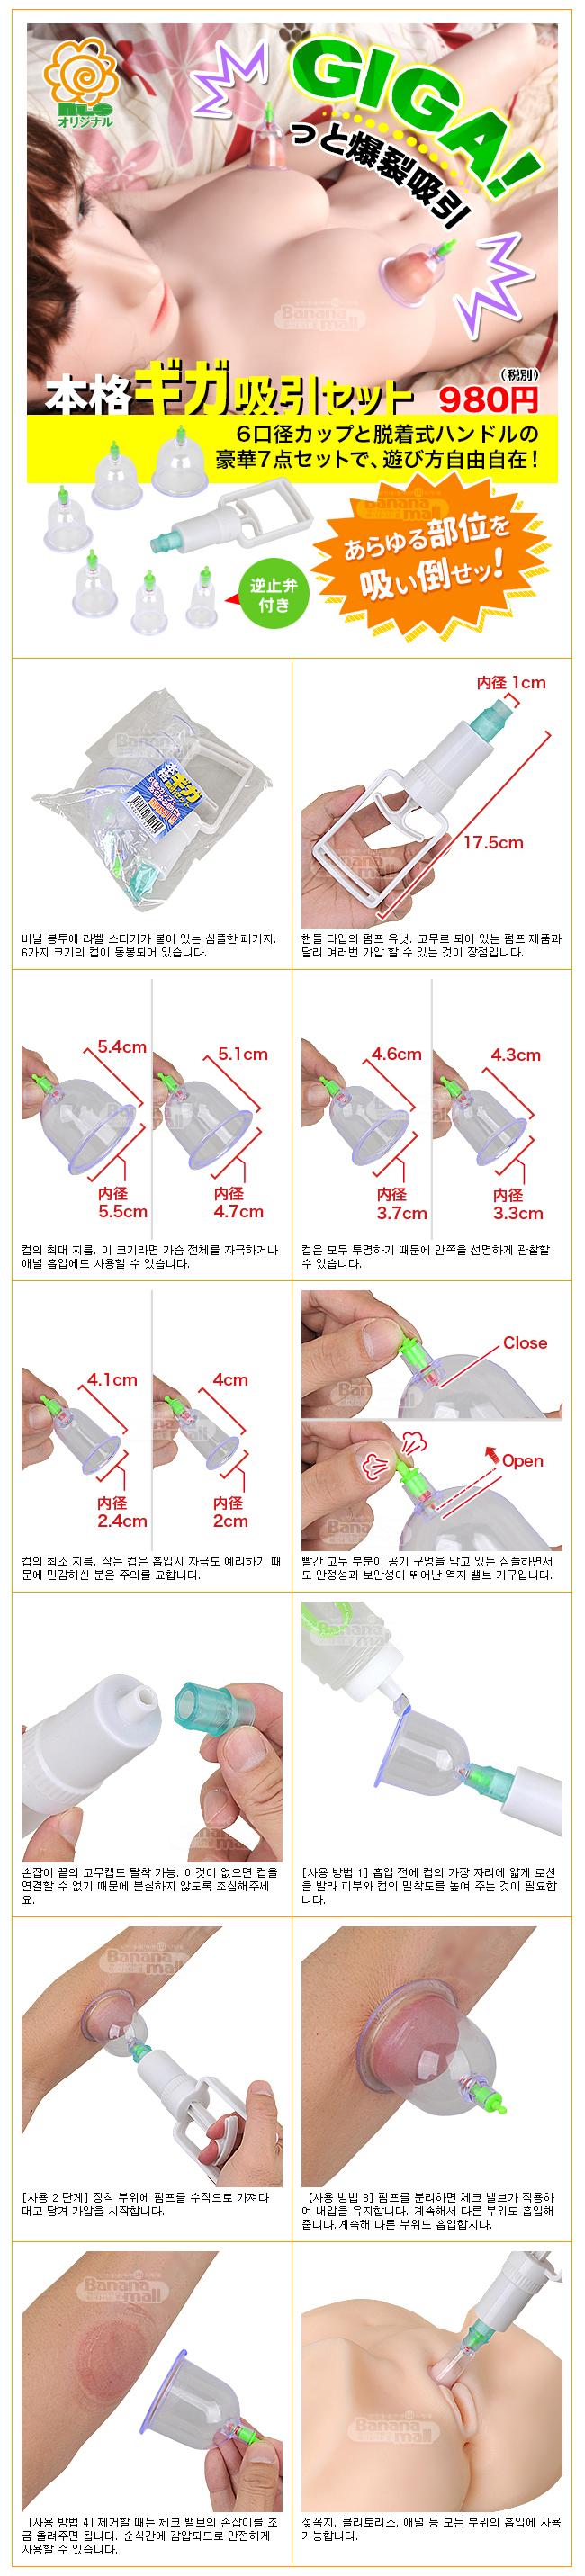 [일본 직수입] 본격 기가 흡입 세트(本格ギガ吸引セット) - 6가지 크기 컵